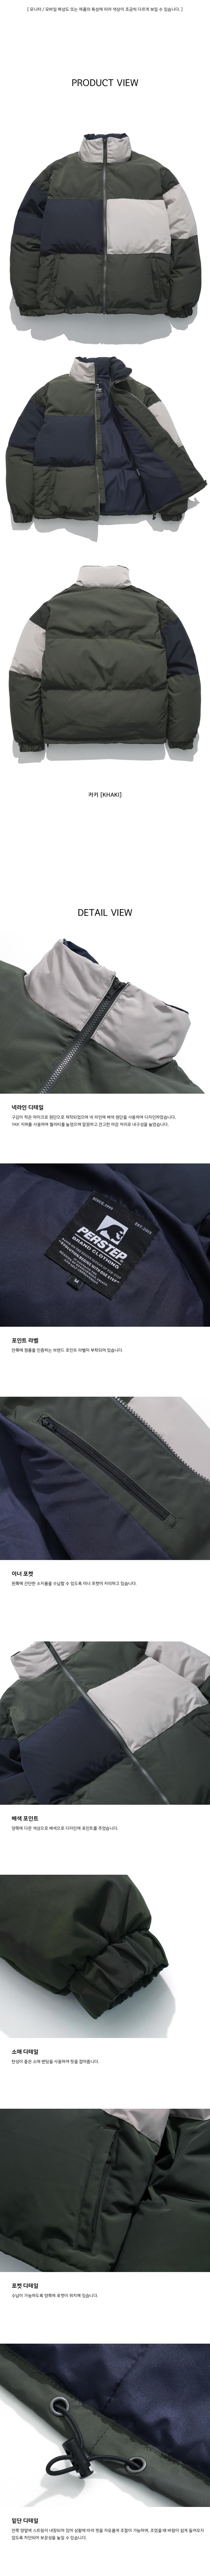 4376_detail_khaki_ms.jpg